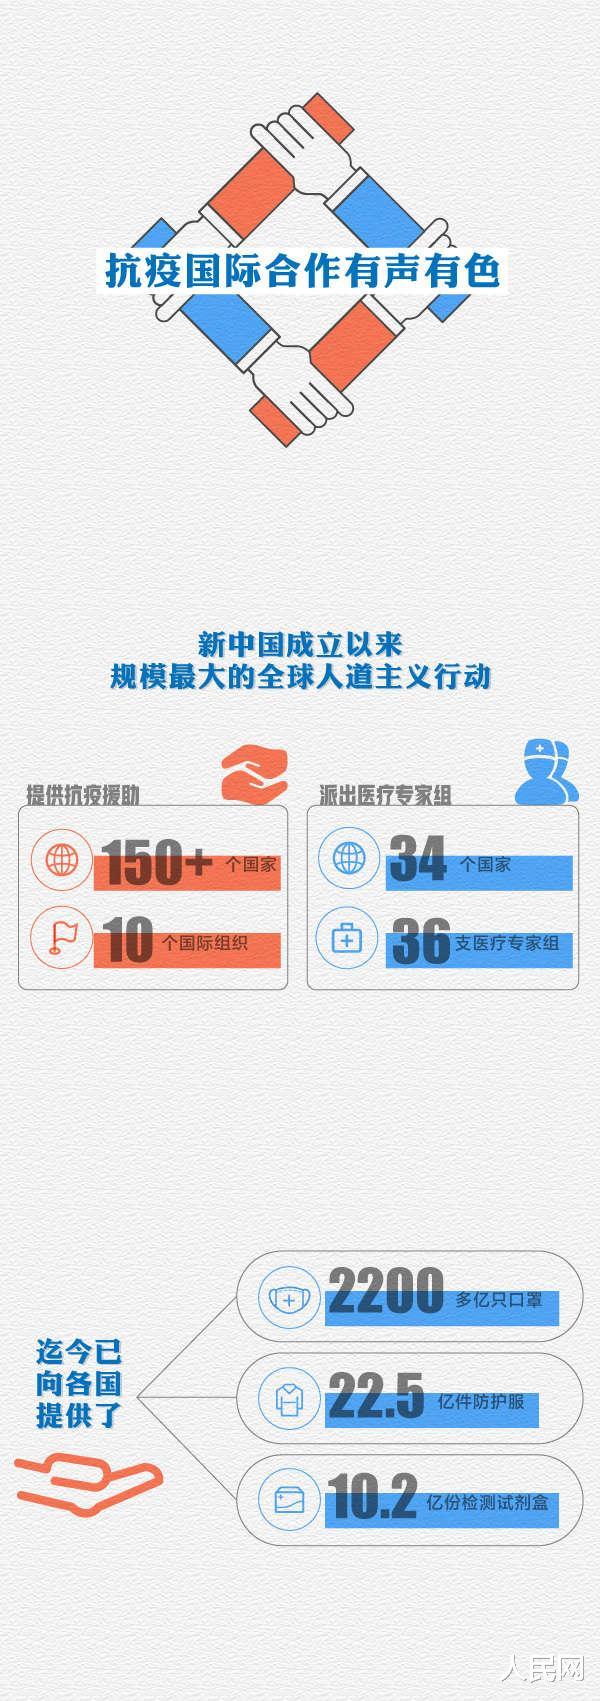 2020年中國外交乘風破浪堅毅前行-圖3